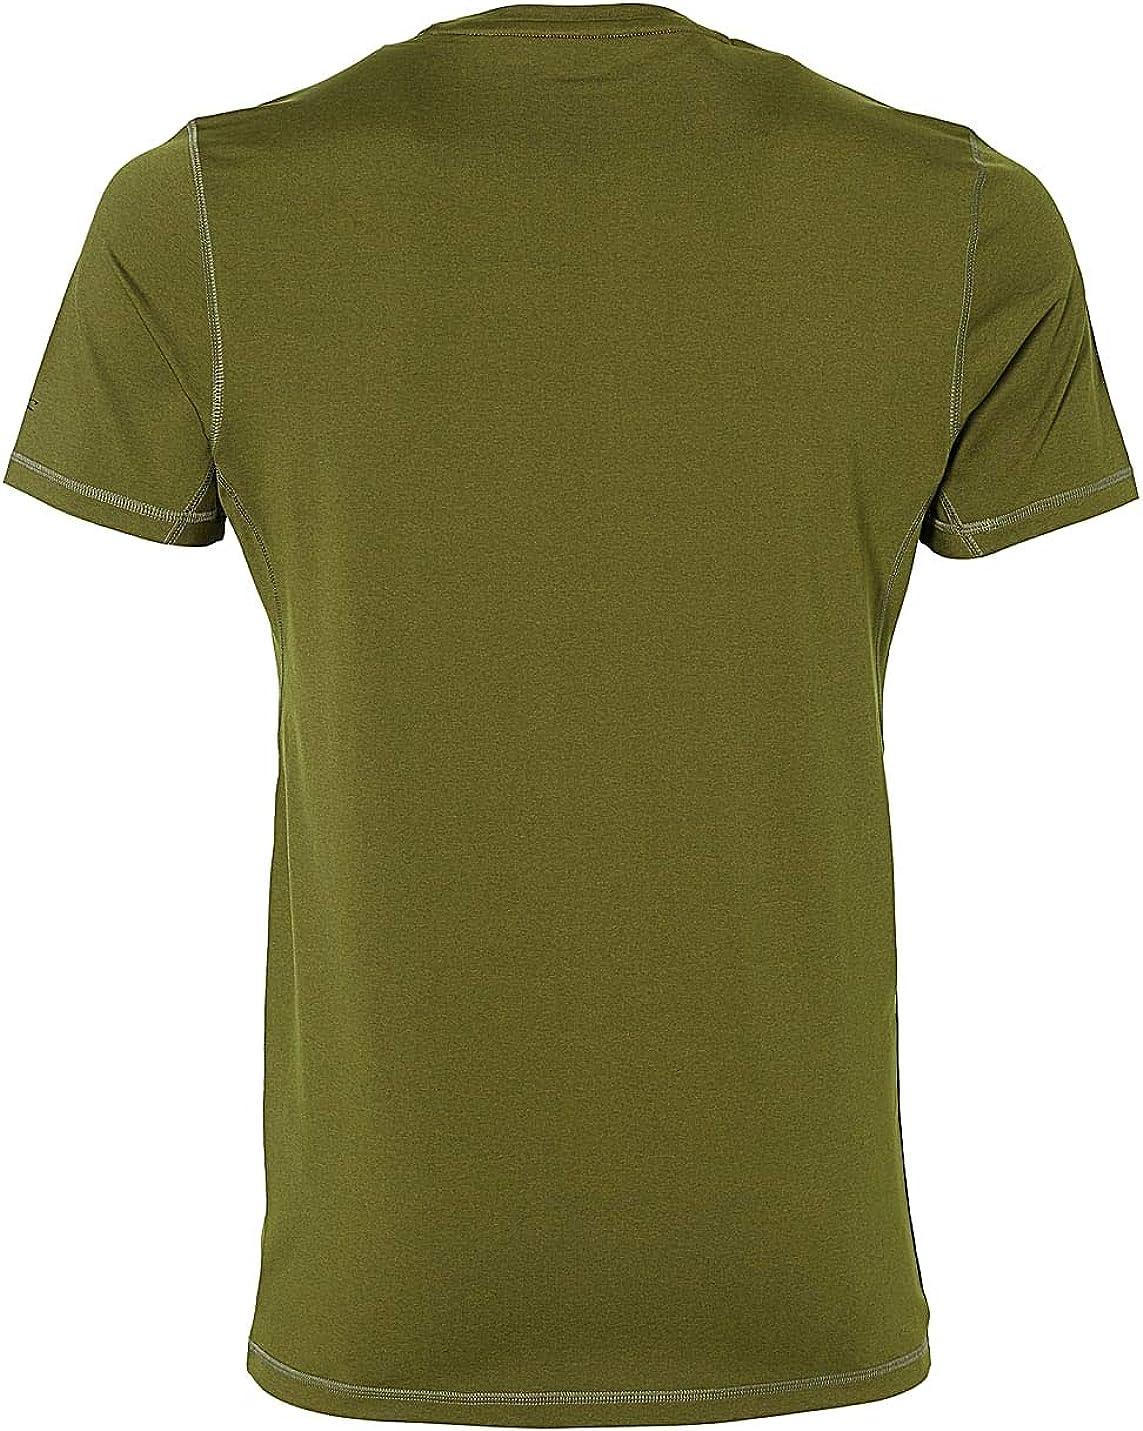 ONEILL Logo Hybrid – Camiseta y Camisa para Hombre: Amazon.es: Ropa y accesorios